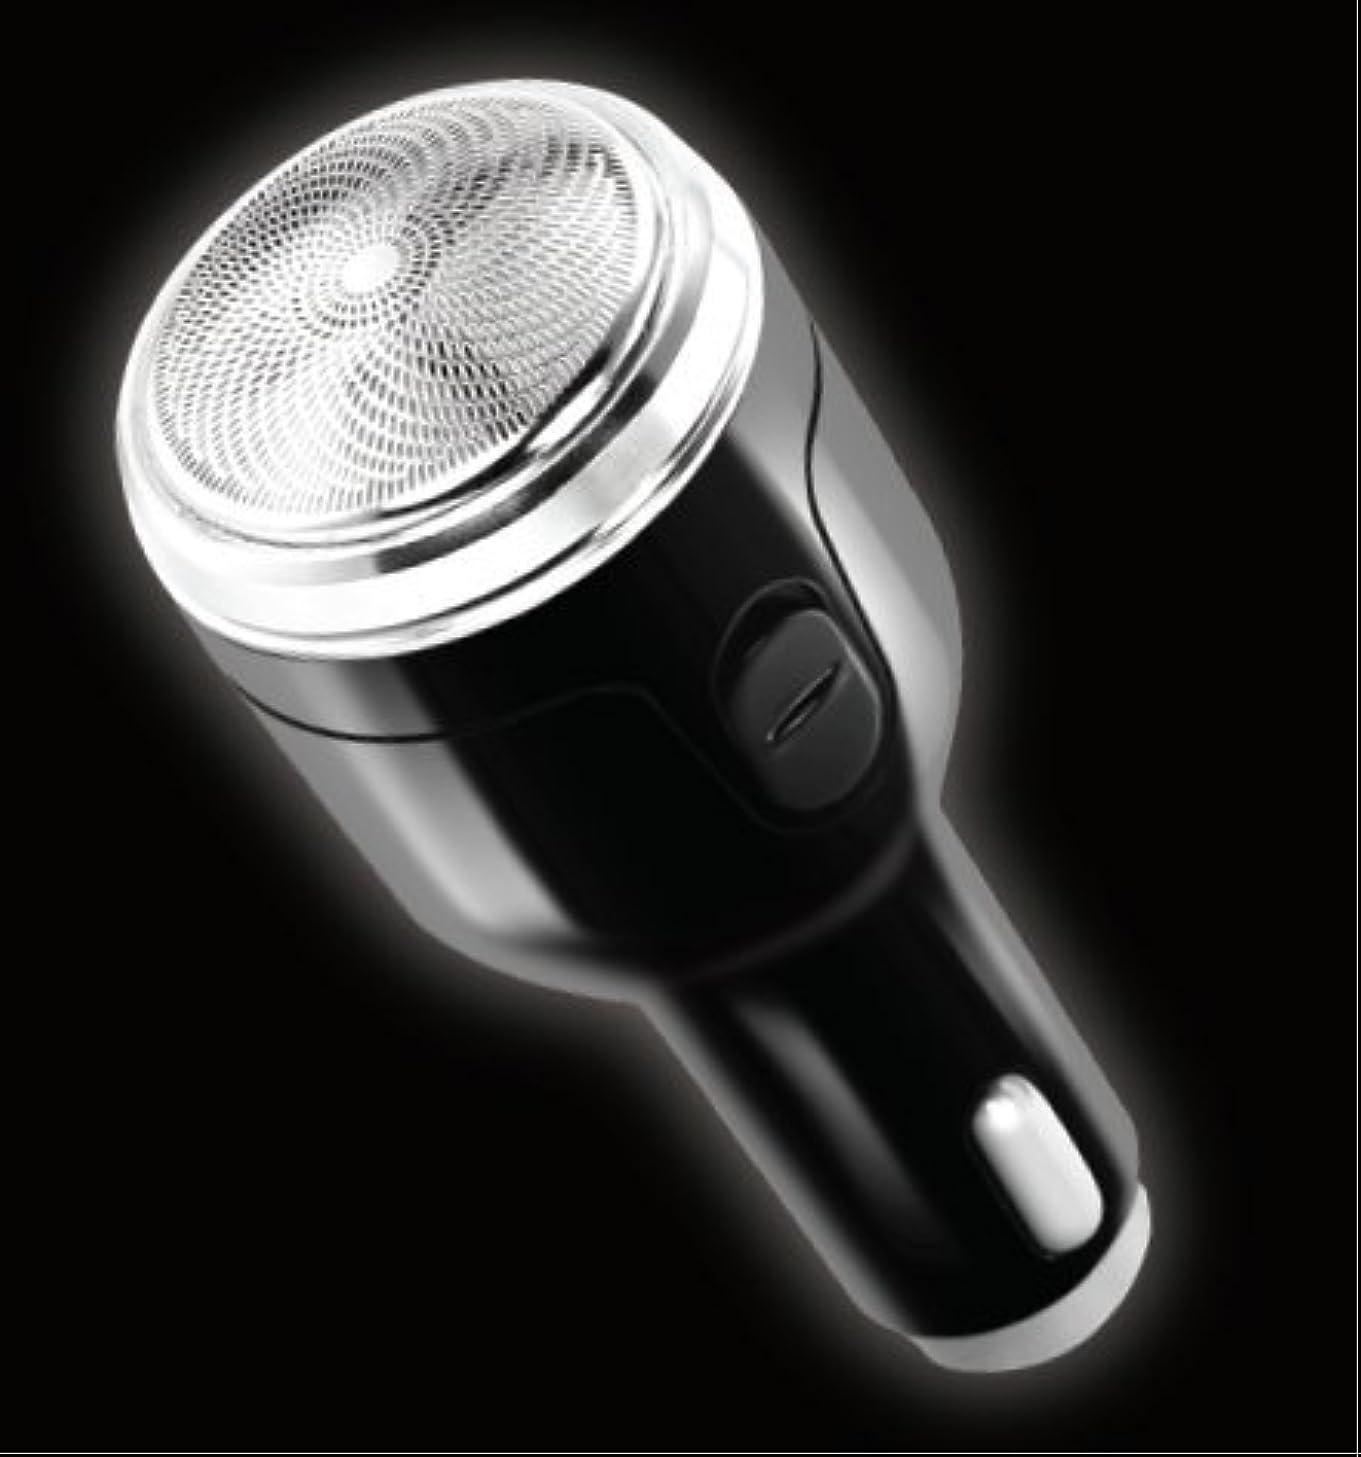 報酬の条約週間髭剃り 電気シェーバー 車載用 マルチシェーバー ROOMMATE 12V/24V車対応 EB-RM42H